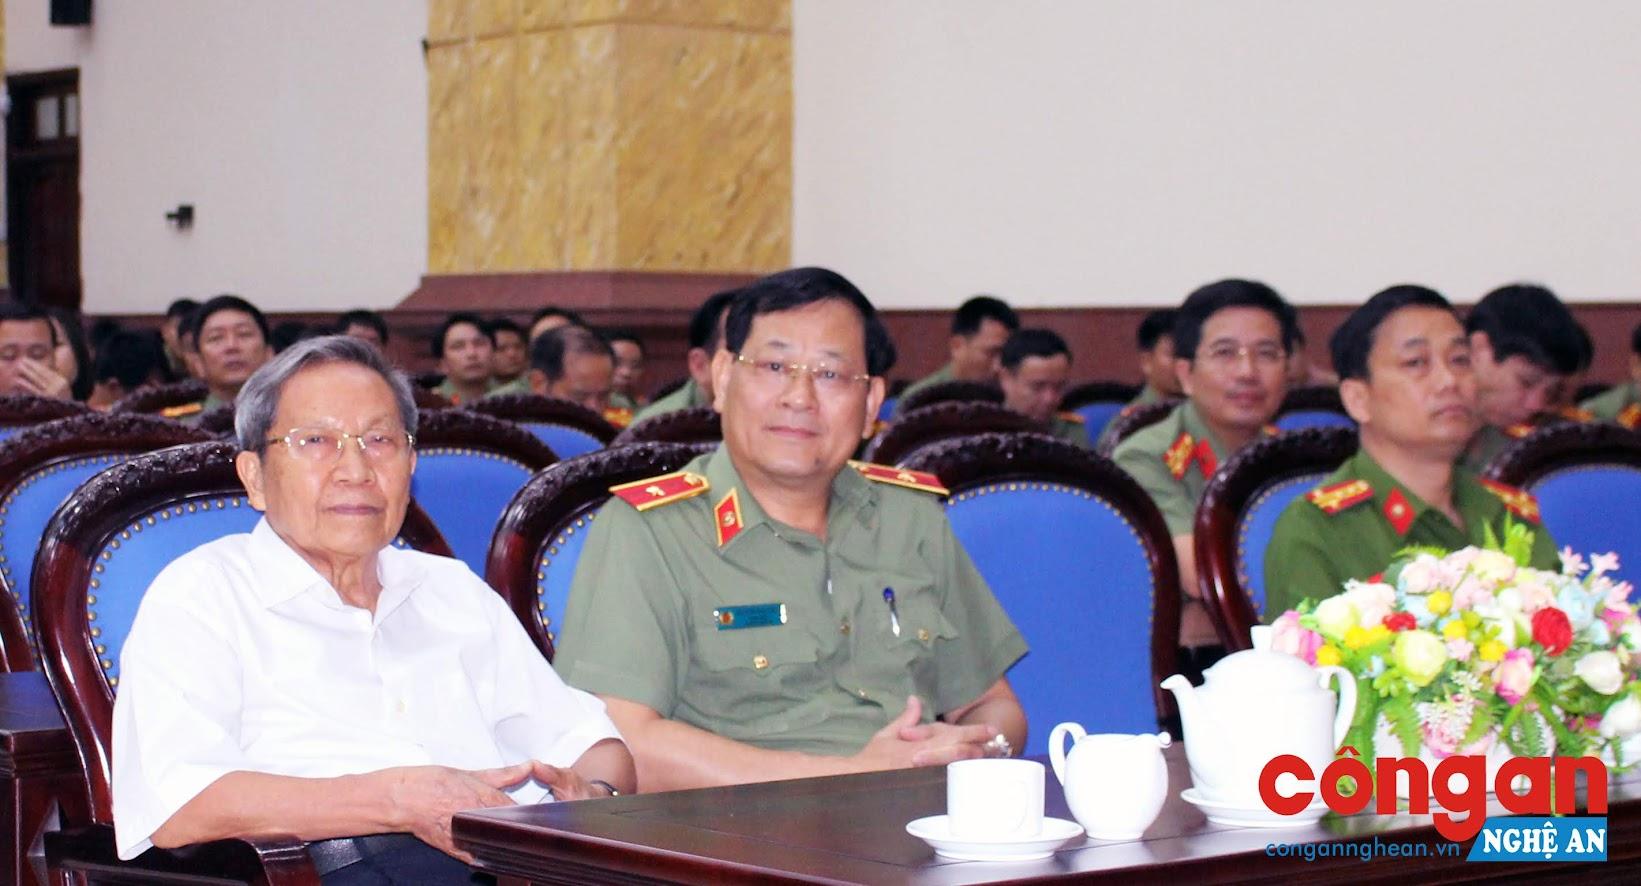 Đồng chí Thiếu tướng Nguyễn Hữu Cầu, Ủy viên BTV Tỉnh ủy, Bí thư Đảng ủy, Giám đốc Công an Nghệ An